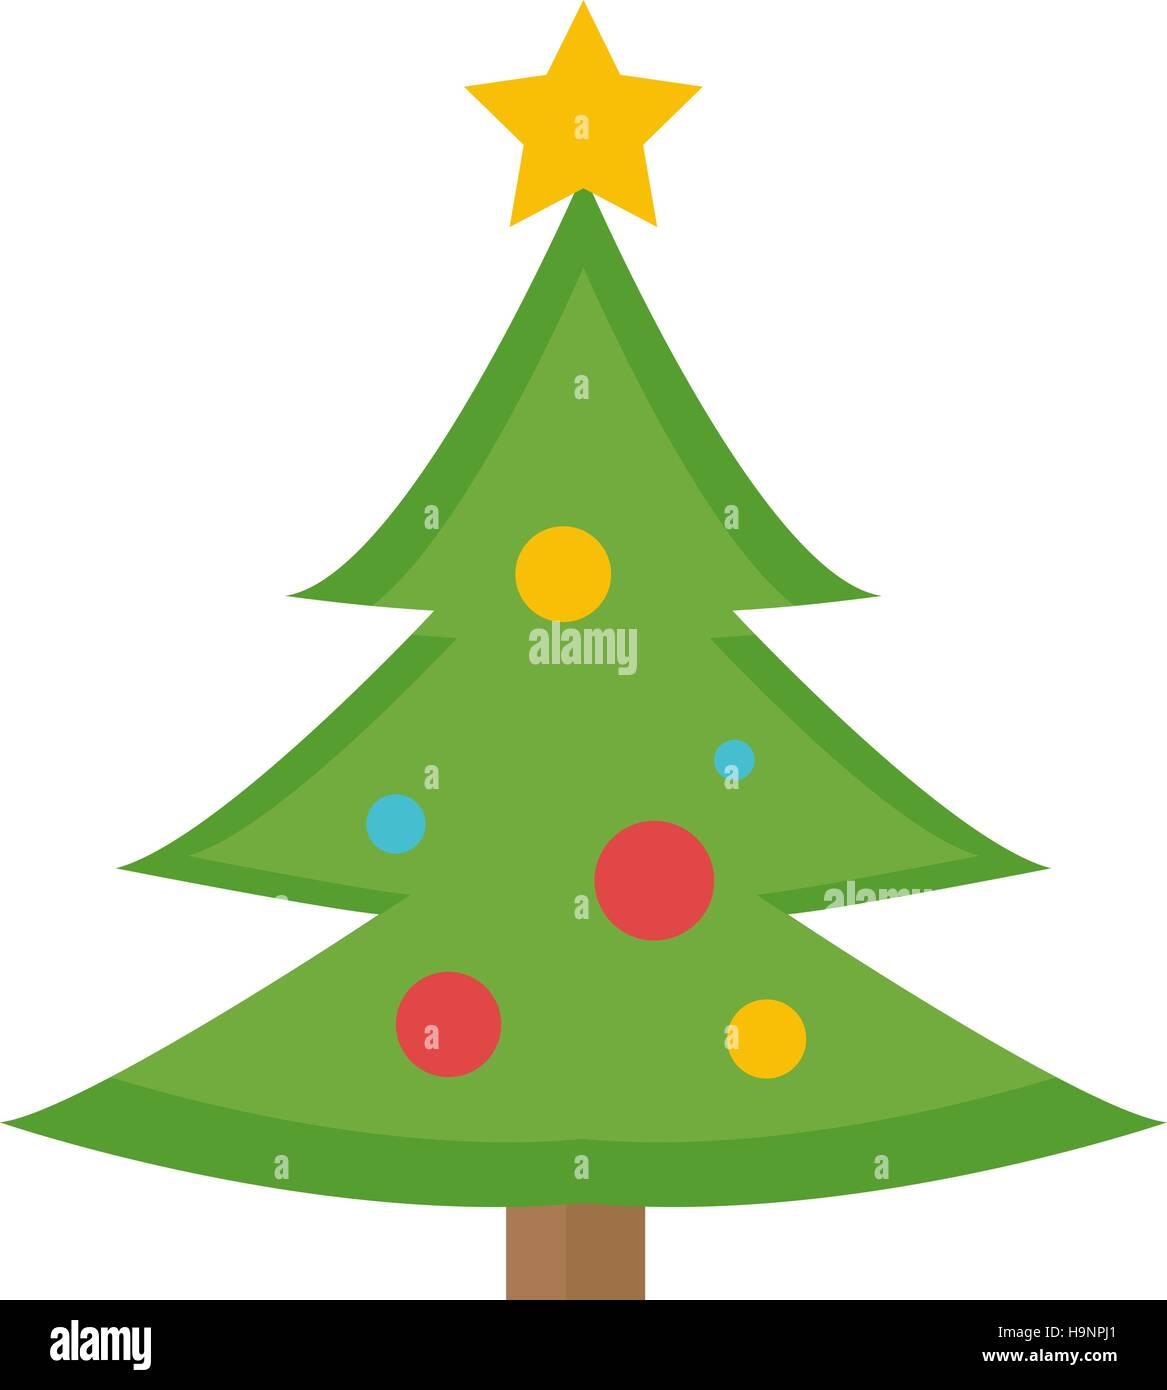 Weihnachtsbaum vektor icon isoliert auf wei em hintergrund vektor abbildung bild 126483225 - Weihnachtsbaum vektor ...